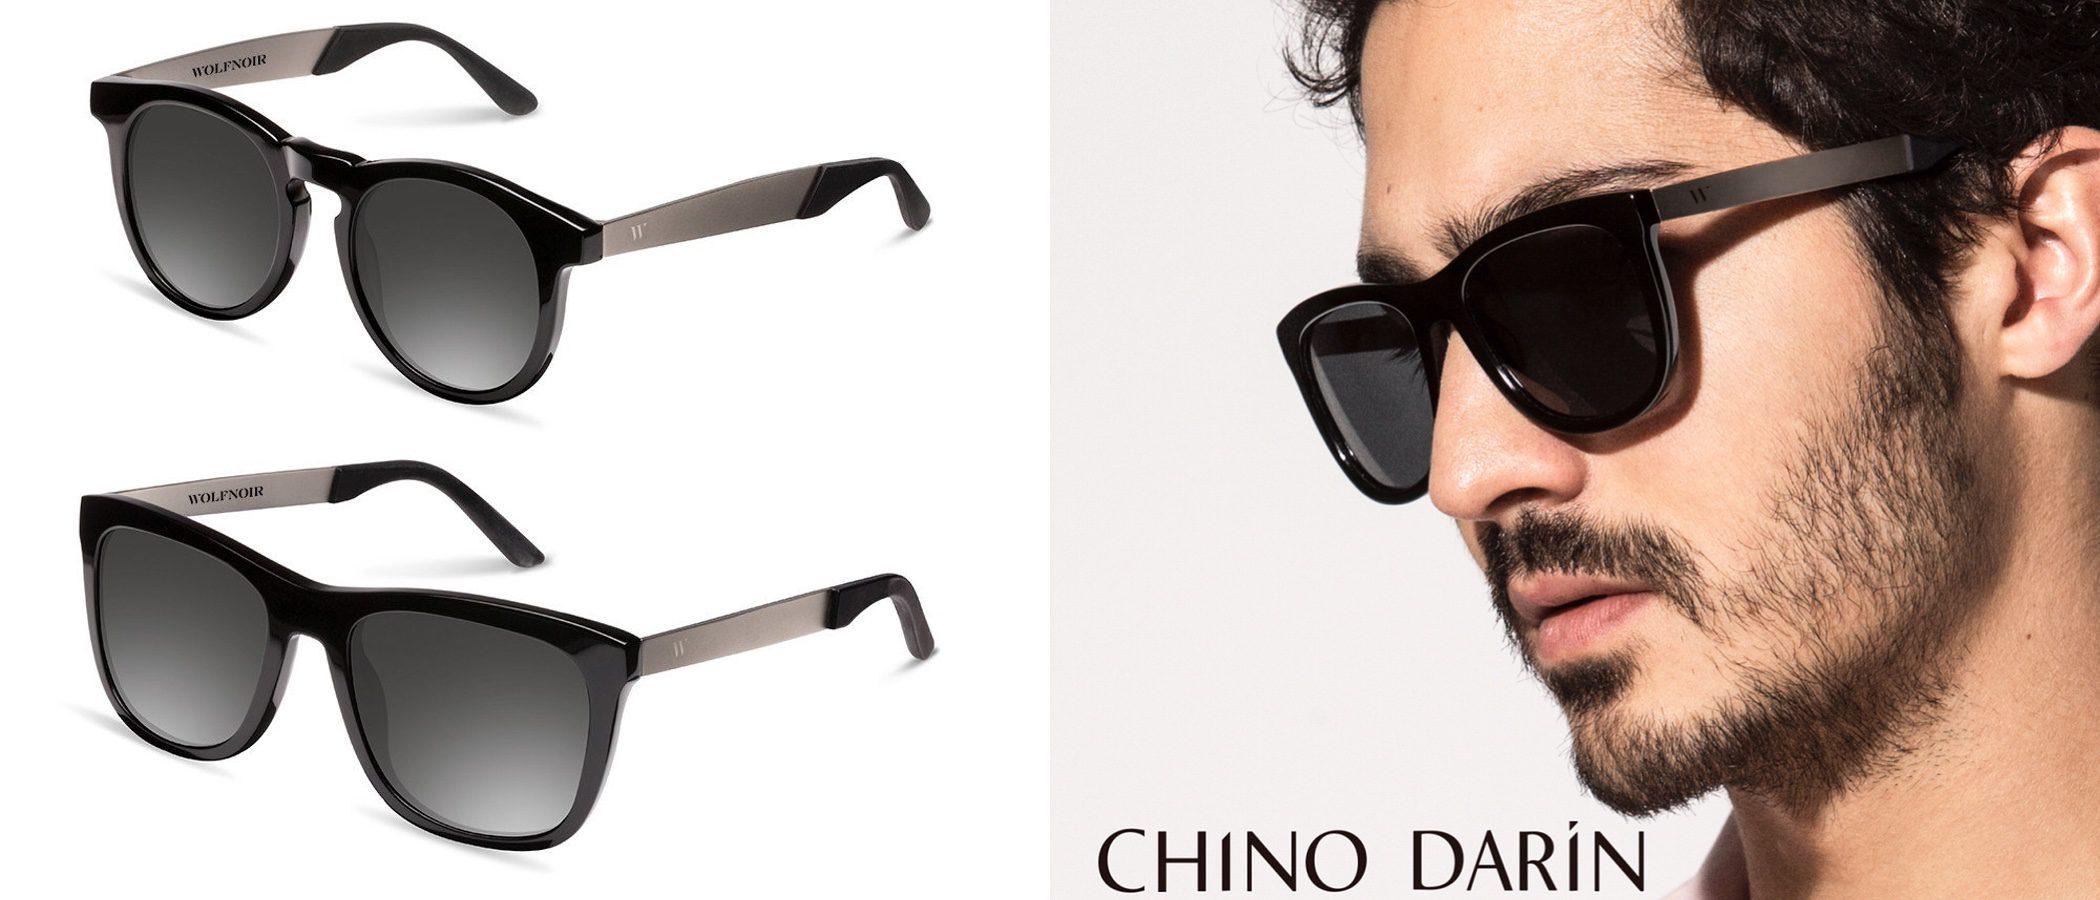 f013e66ca8 Chino Darín se une a Wolfnoir para lanzar una colección de gafas de sol